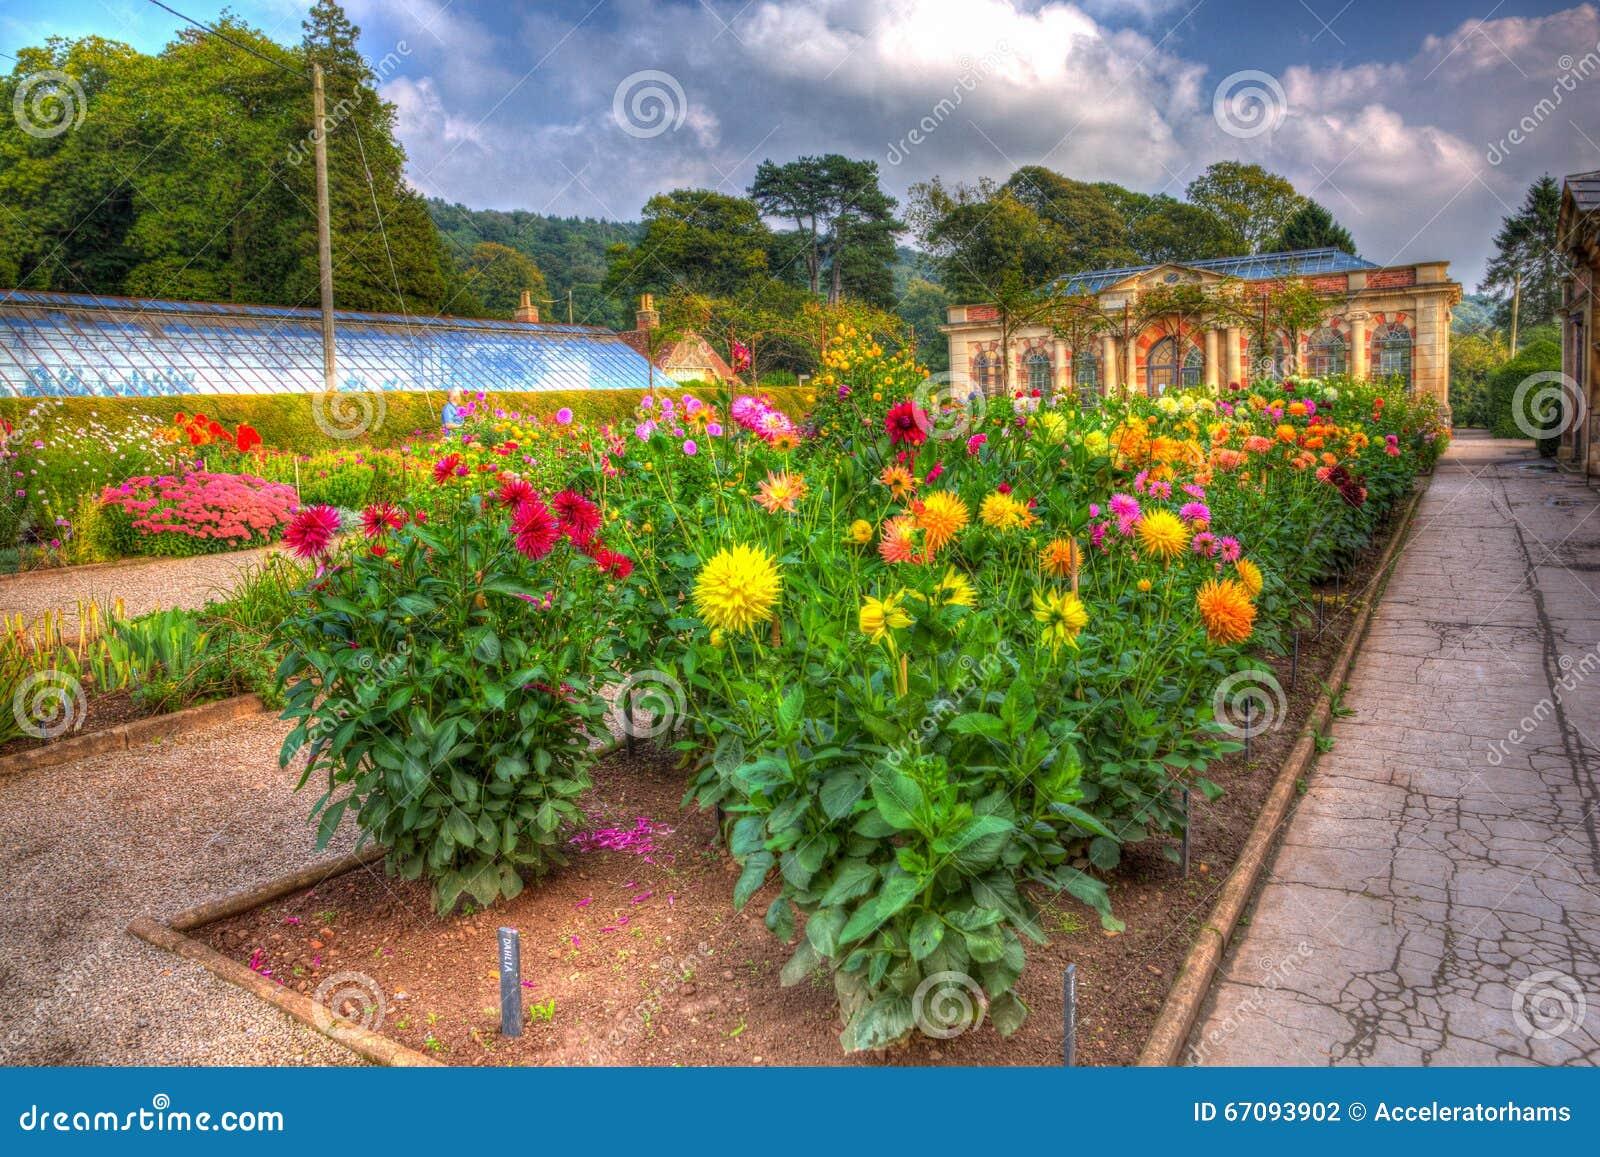 le beau soleil de septembre et le temps chaud ont dessin des visiteurs aux jardins la chambre. Black Bedroom Furniture Sets. Home Design Ideas